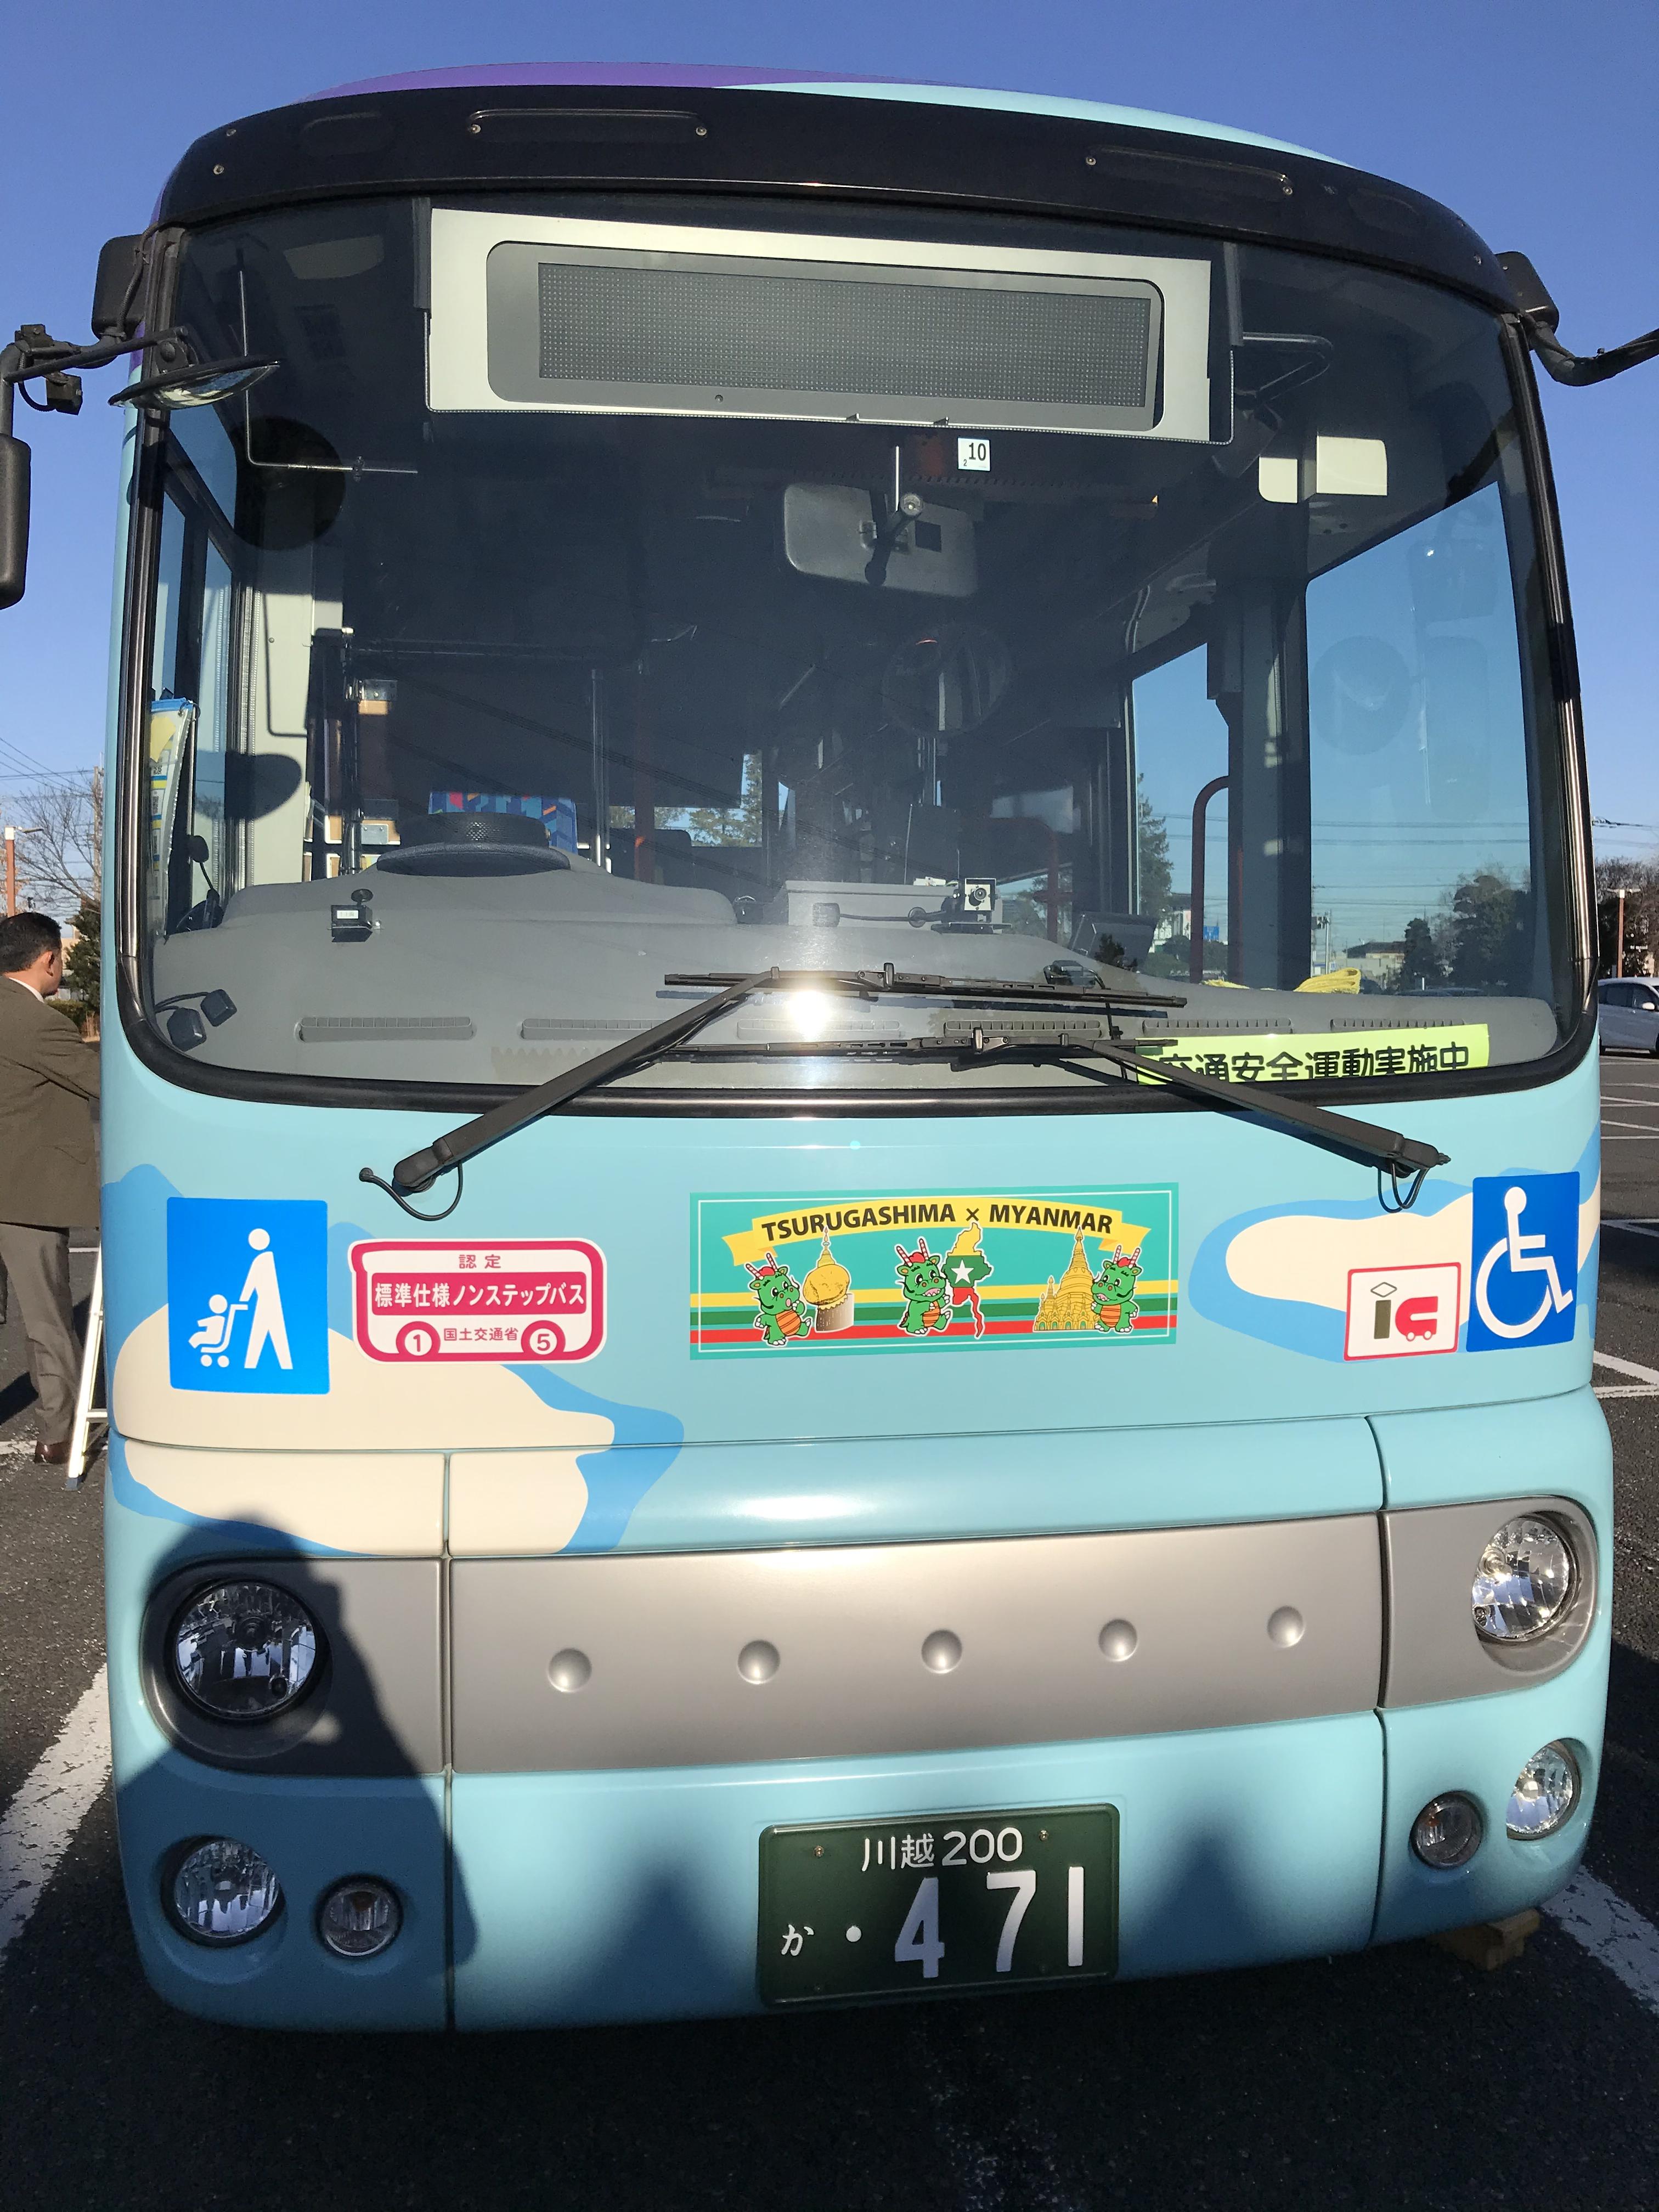 『『つるバス2』の画像』の画像